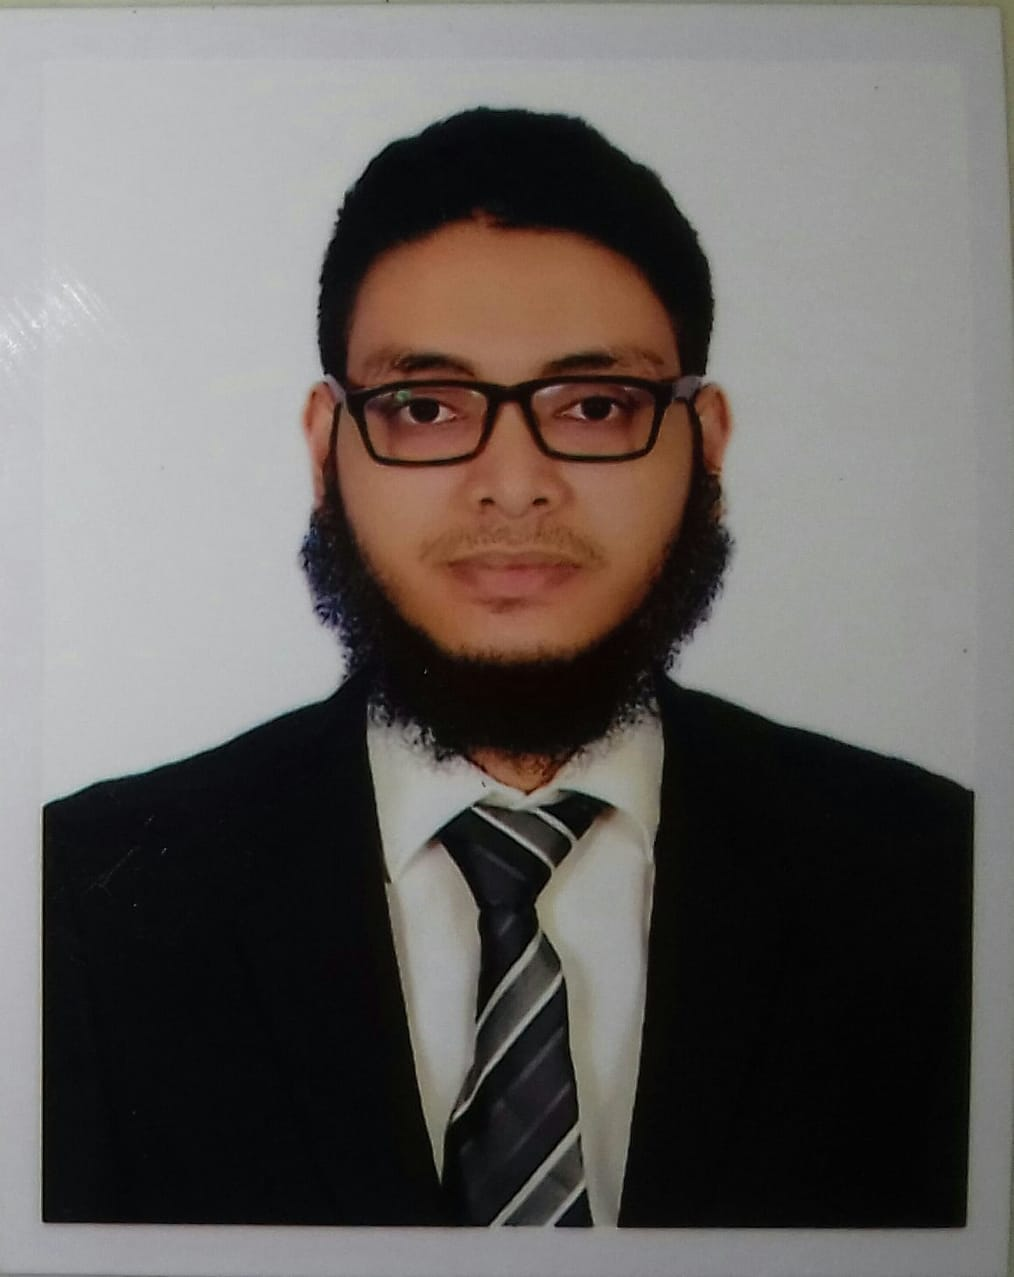 Ishmam Ahmed Chowdhury